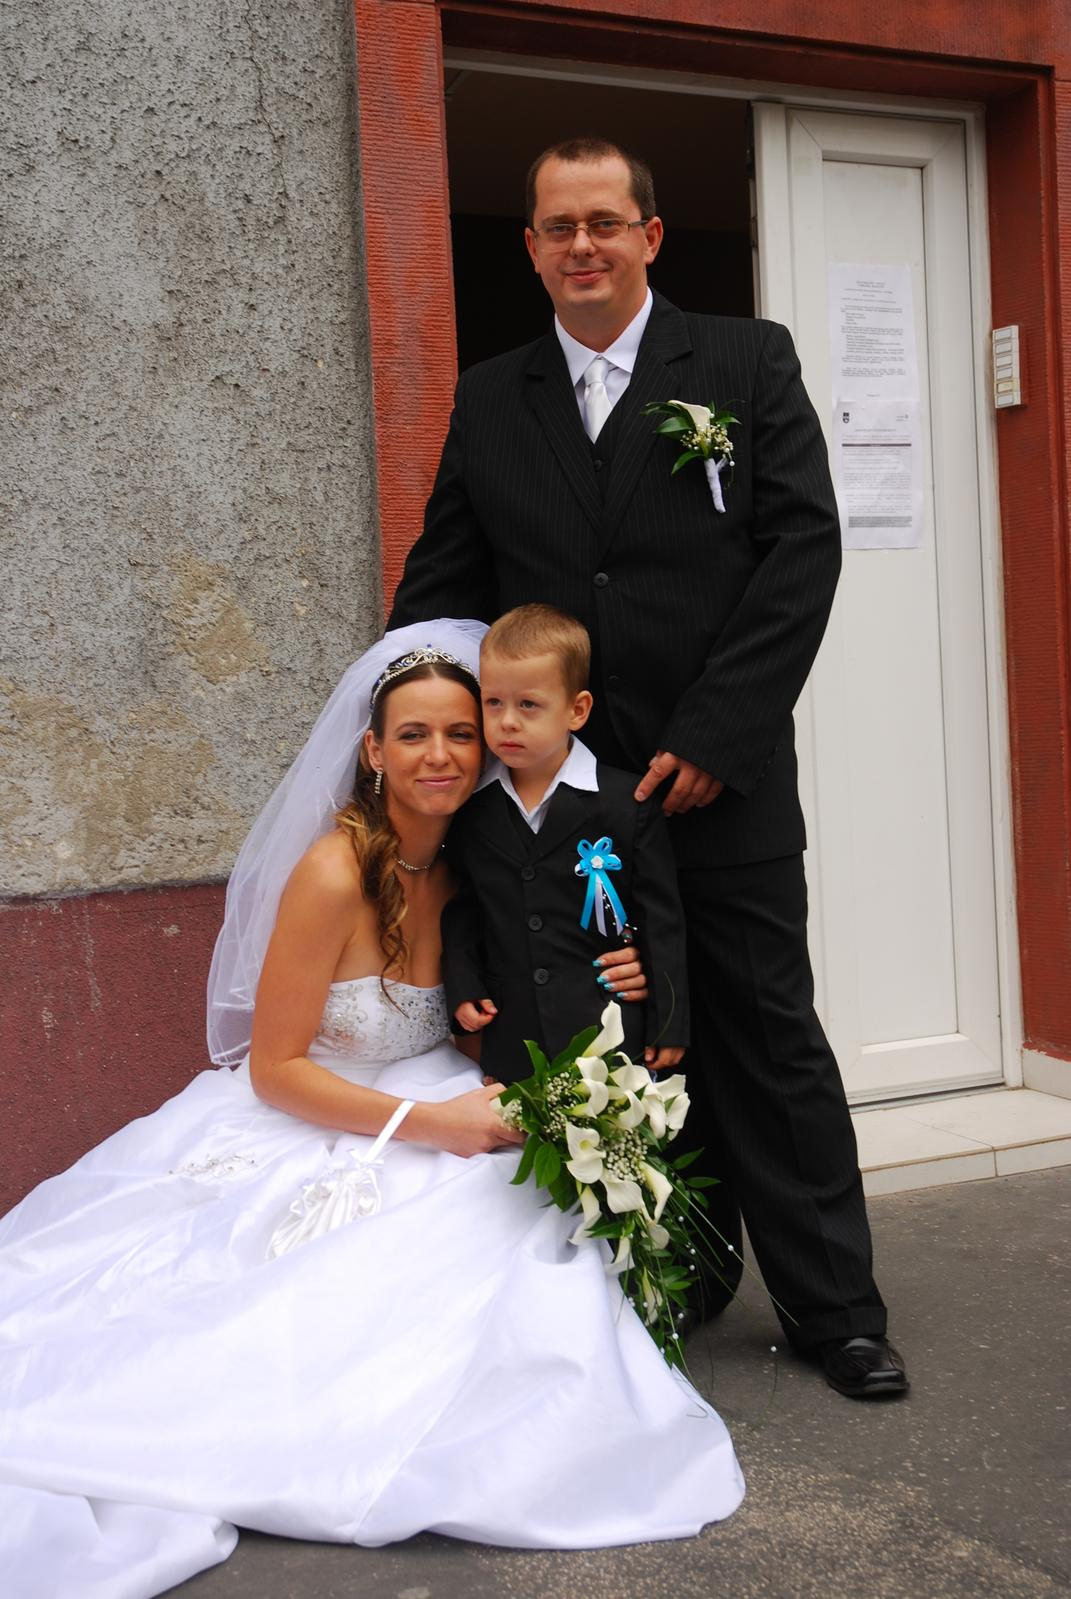 10. dec 2012 o 09 15 • Svadba bola v septembri 2012 • Odpovedz • Páči sa mi  to • 87ec888f6d